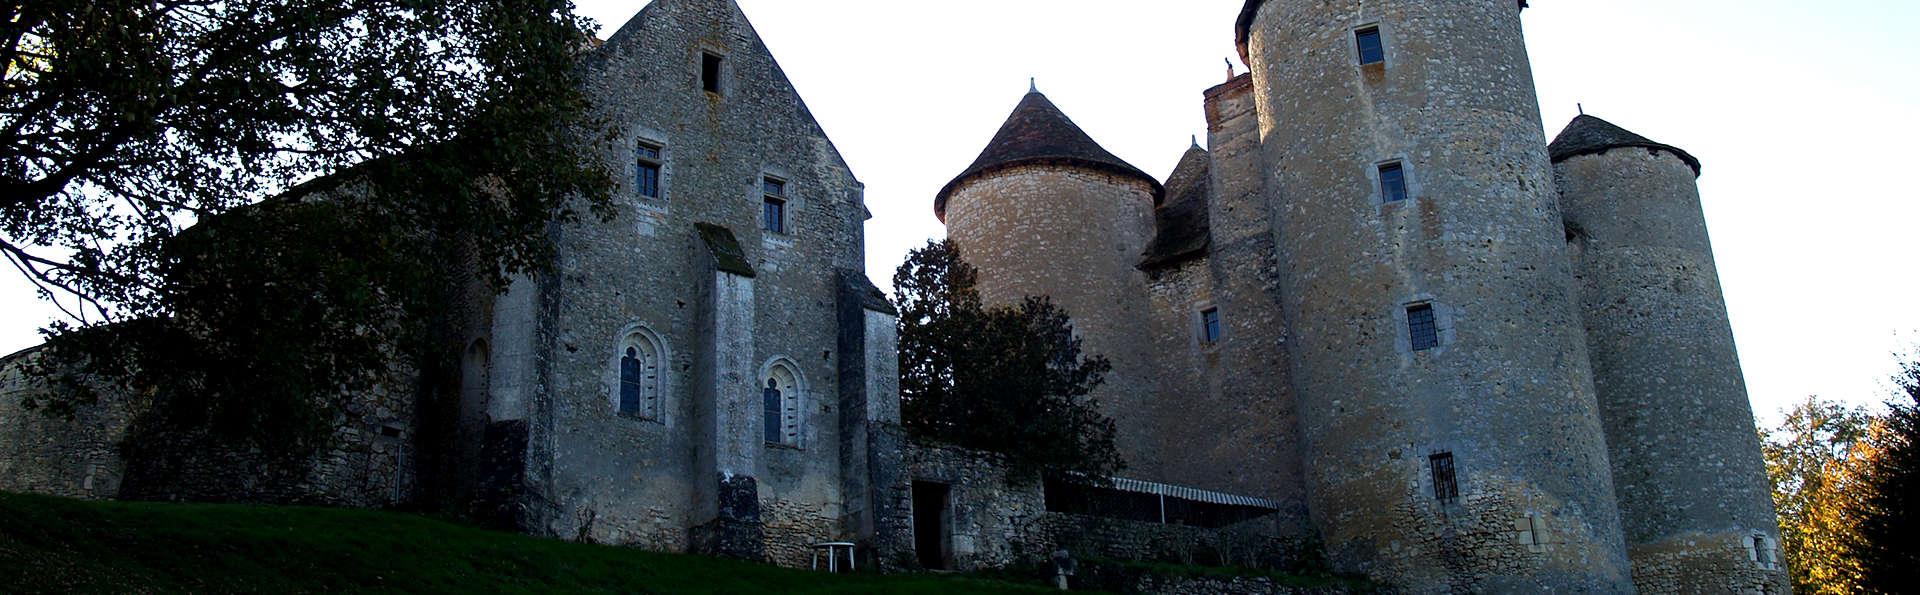 Château de Forges  - Edit_Front2.jpg